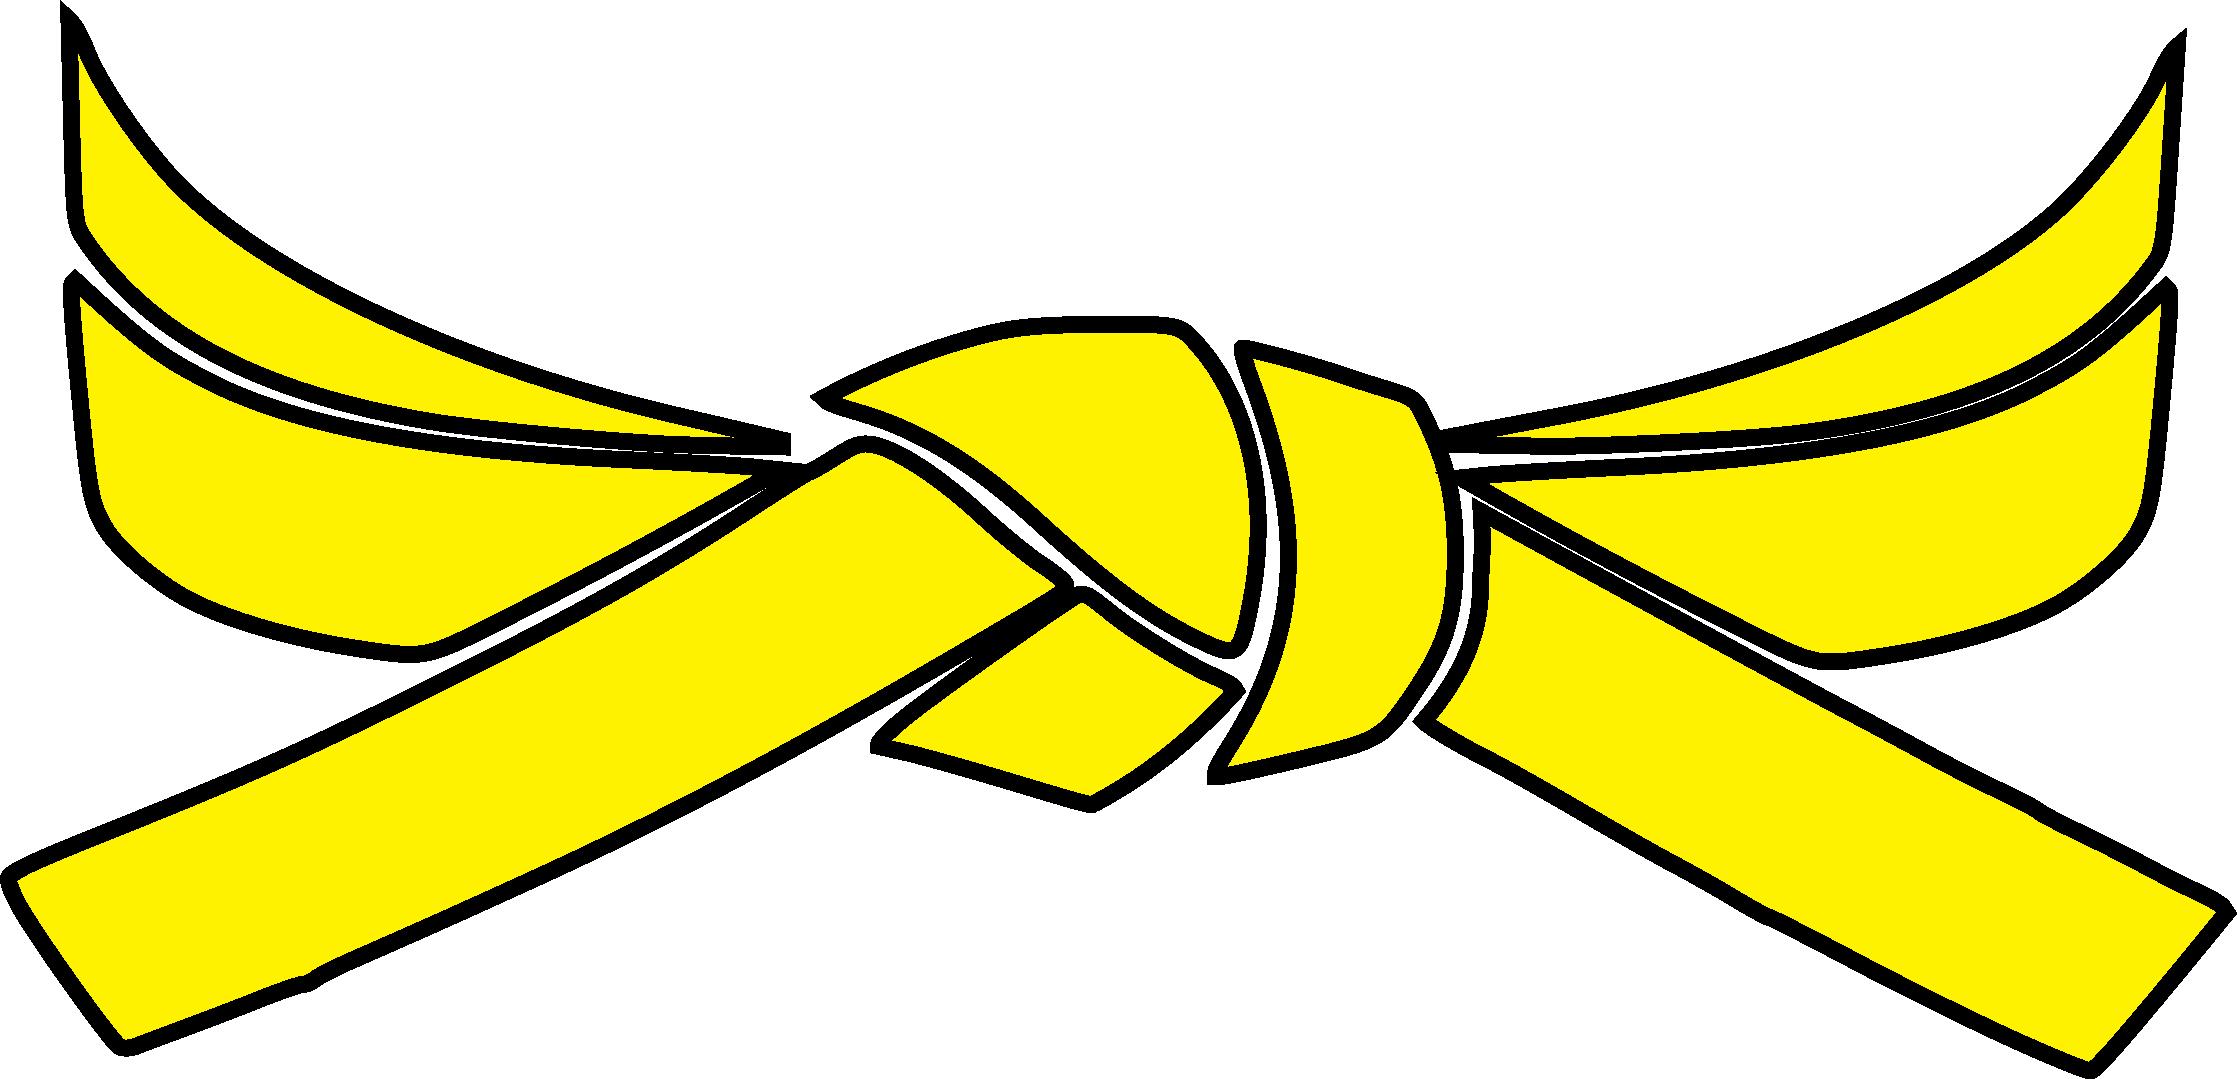 Fist clipart taekwondo. Go for black belt